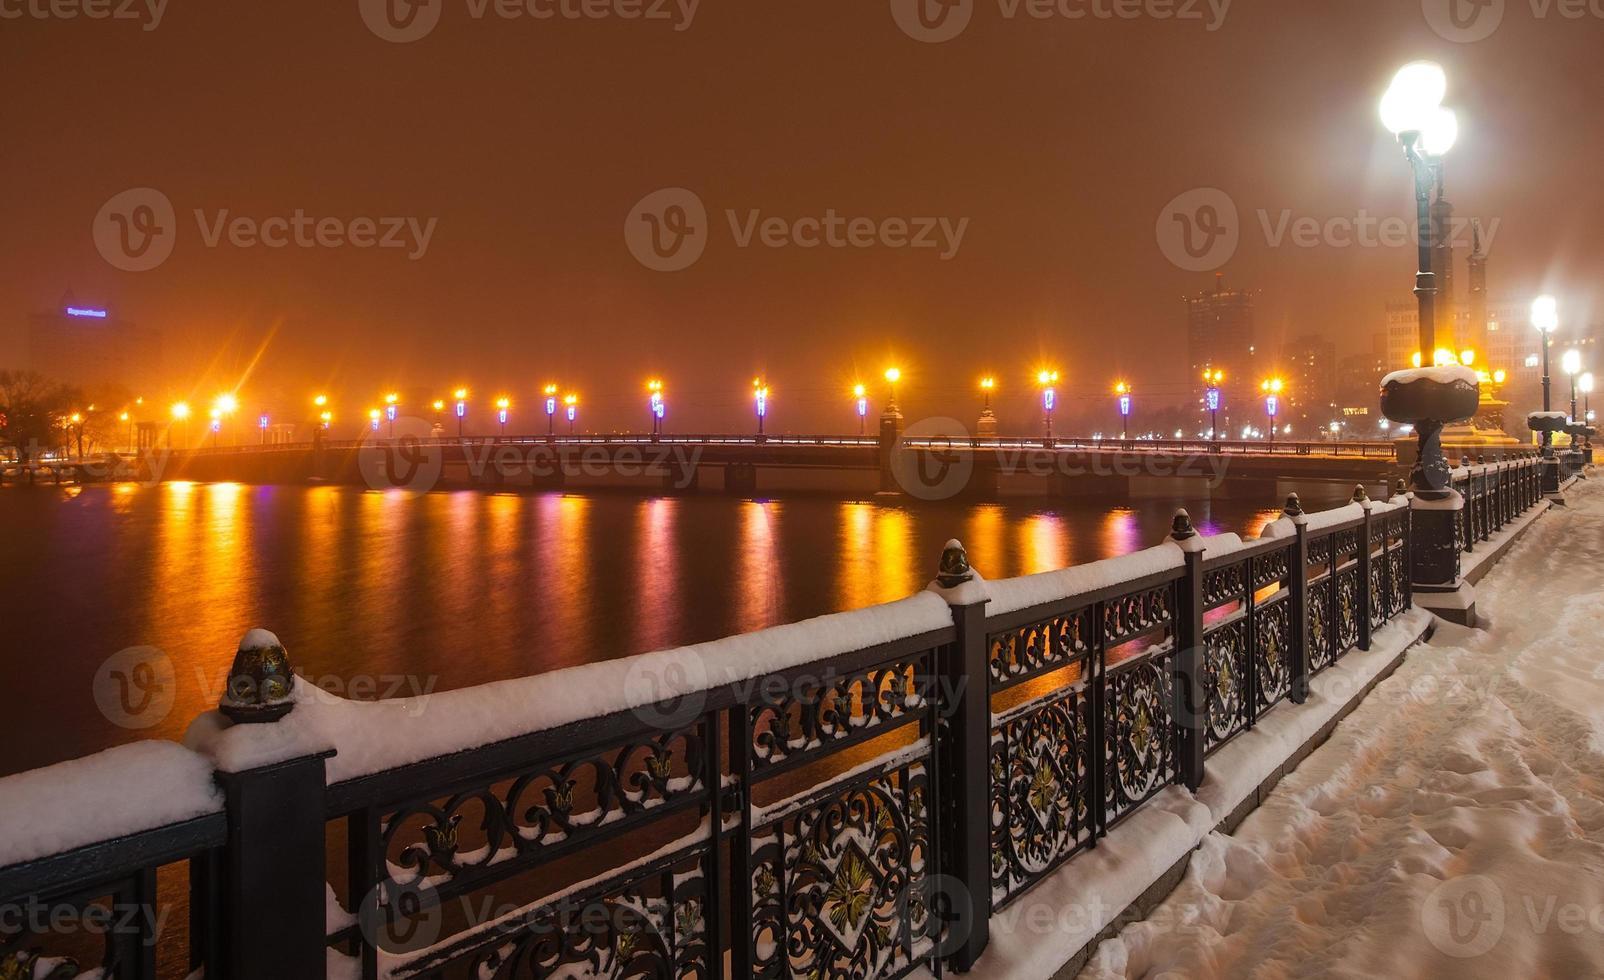 passeio marítimo na cidade de donetsk em um inverno. foto